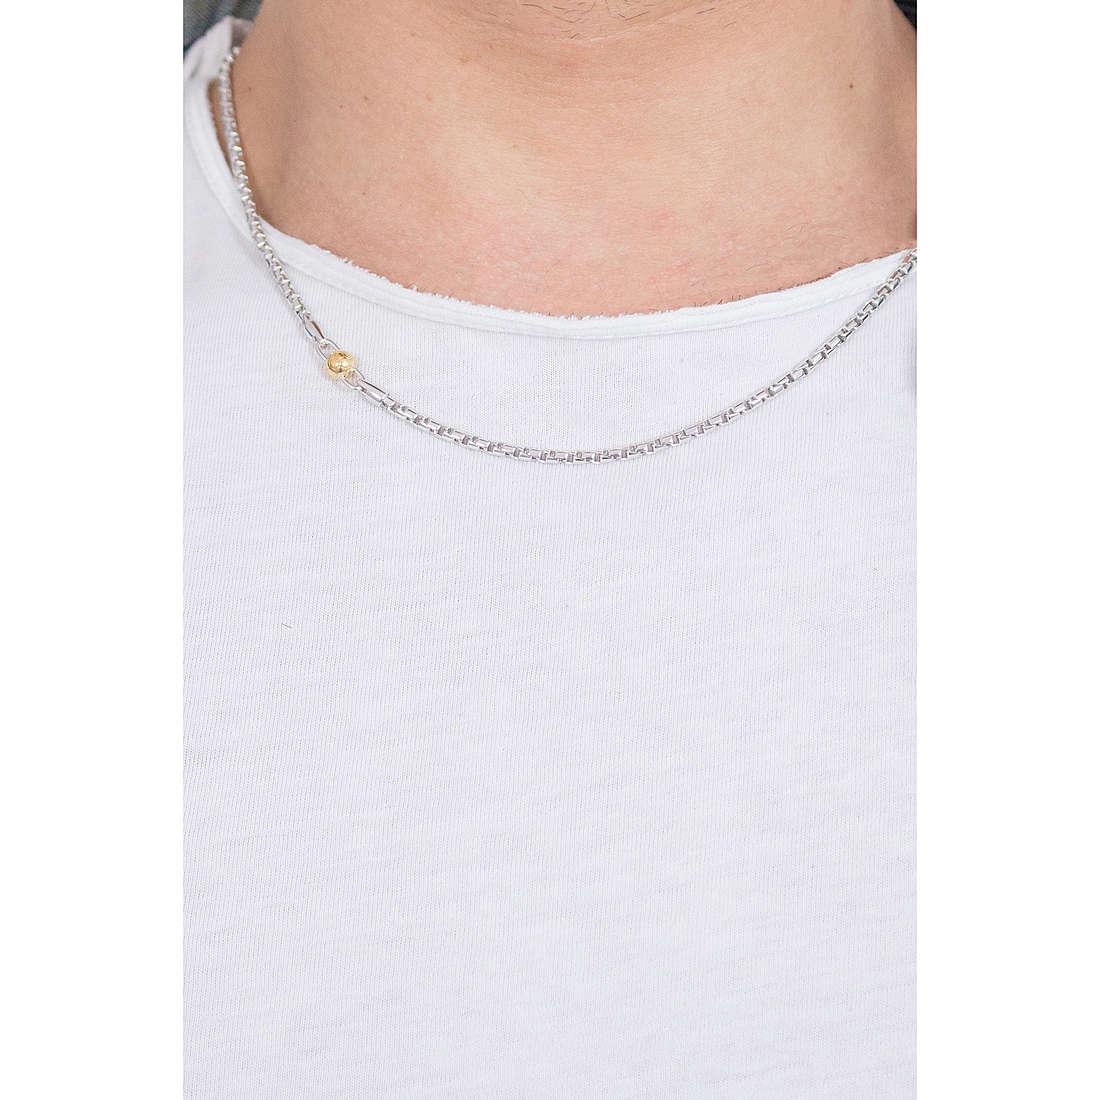 Comete collane Passioni uomo UGL 591 indosso